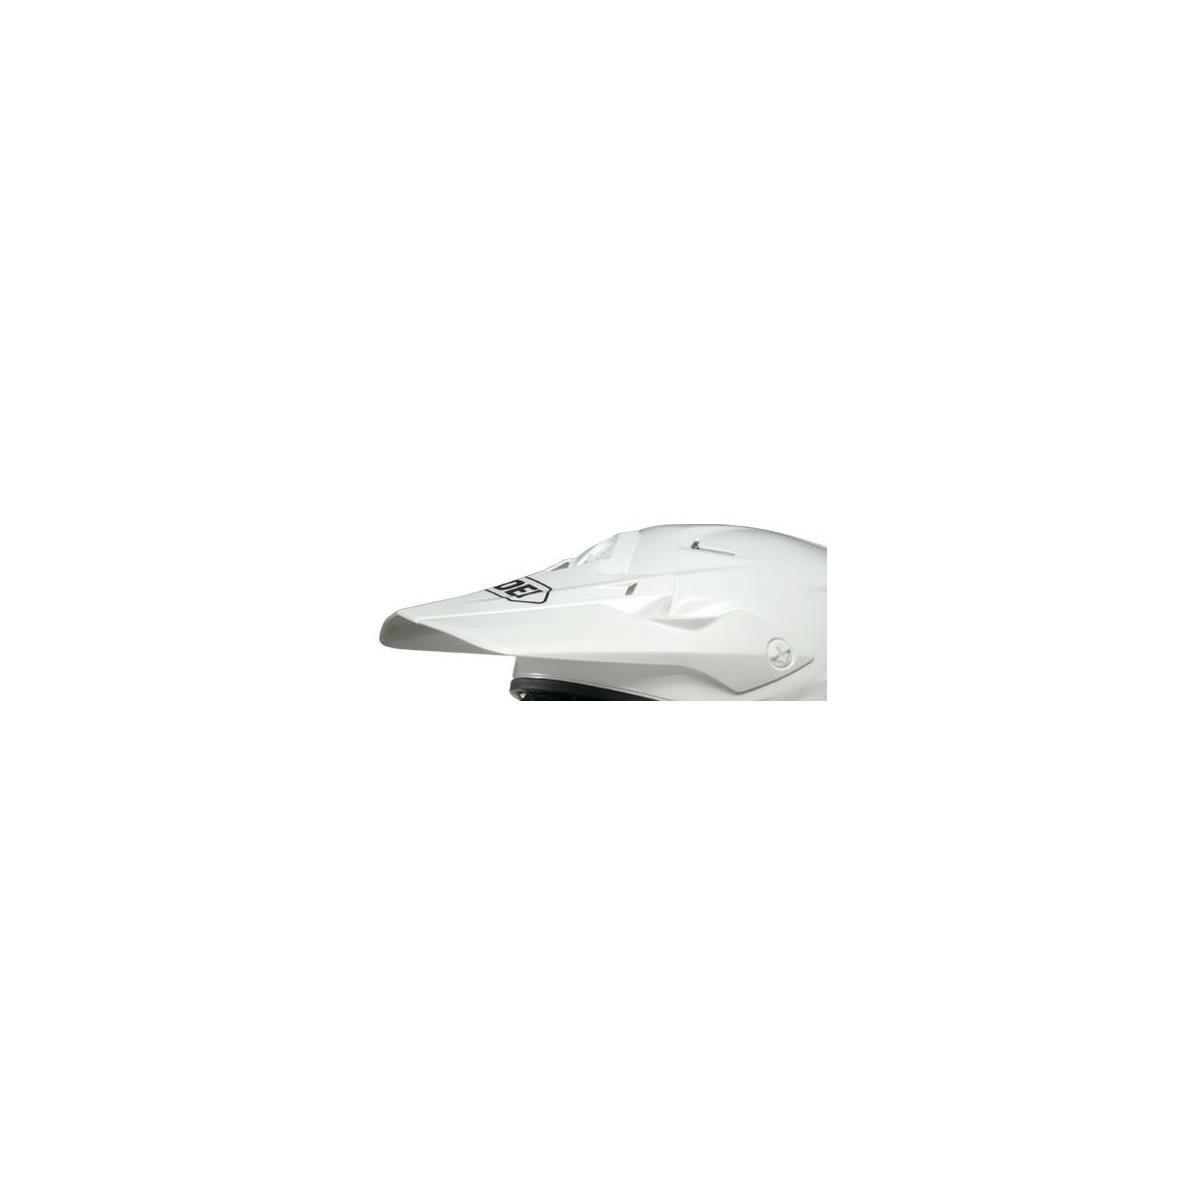 Shoei Helmschild VFX-W Weiß